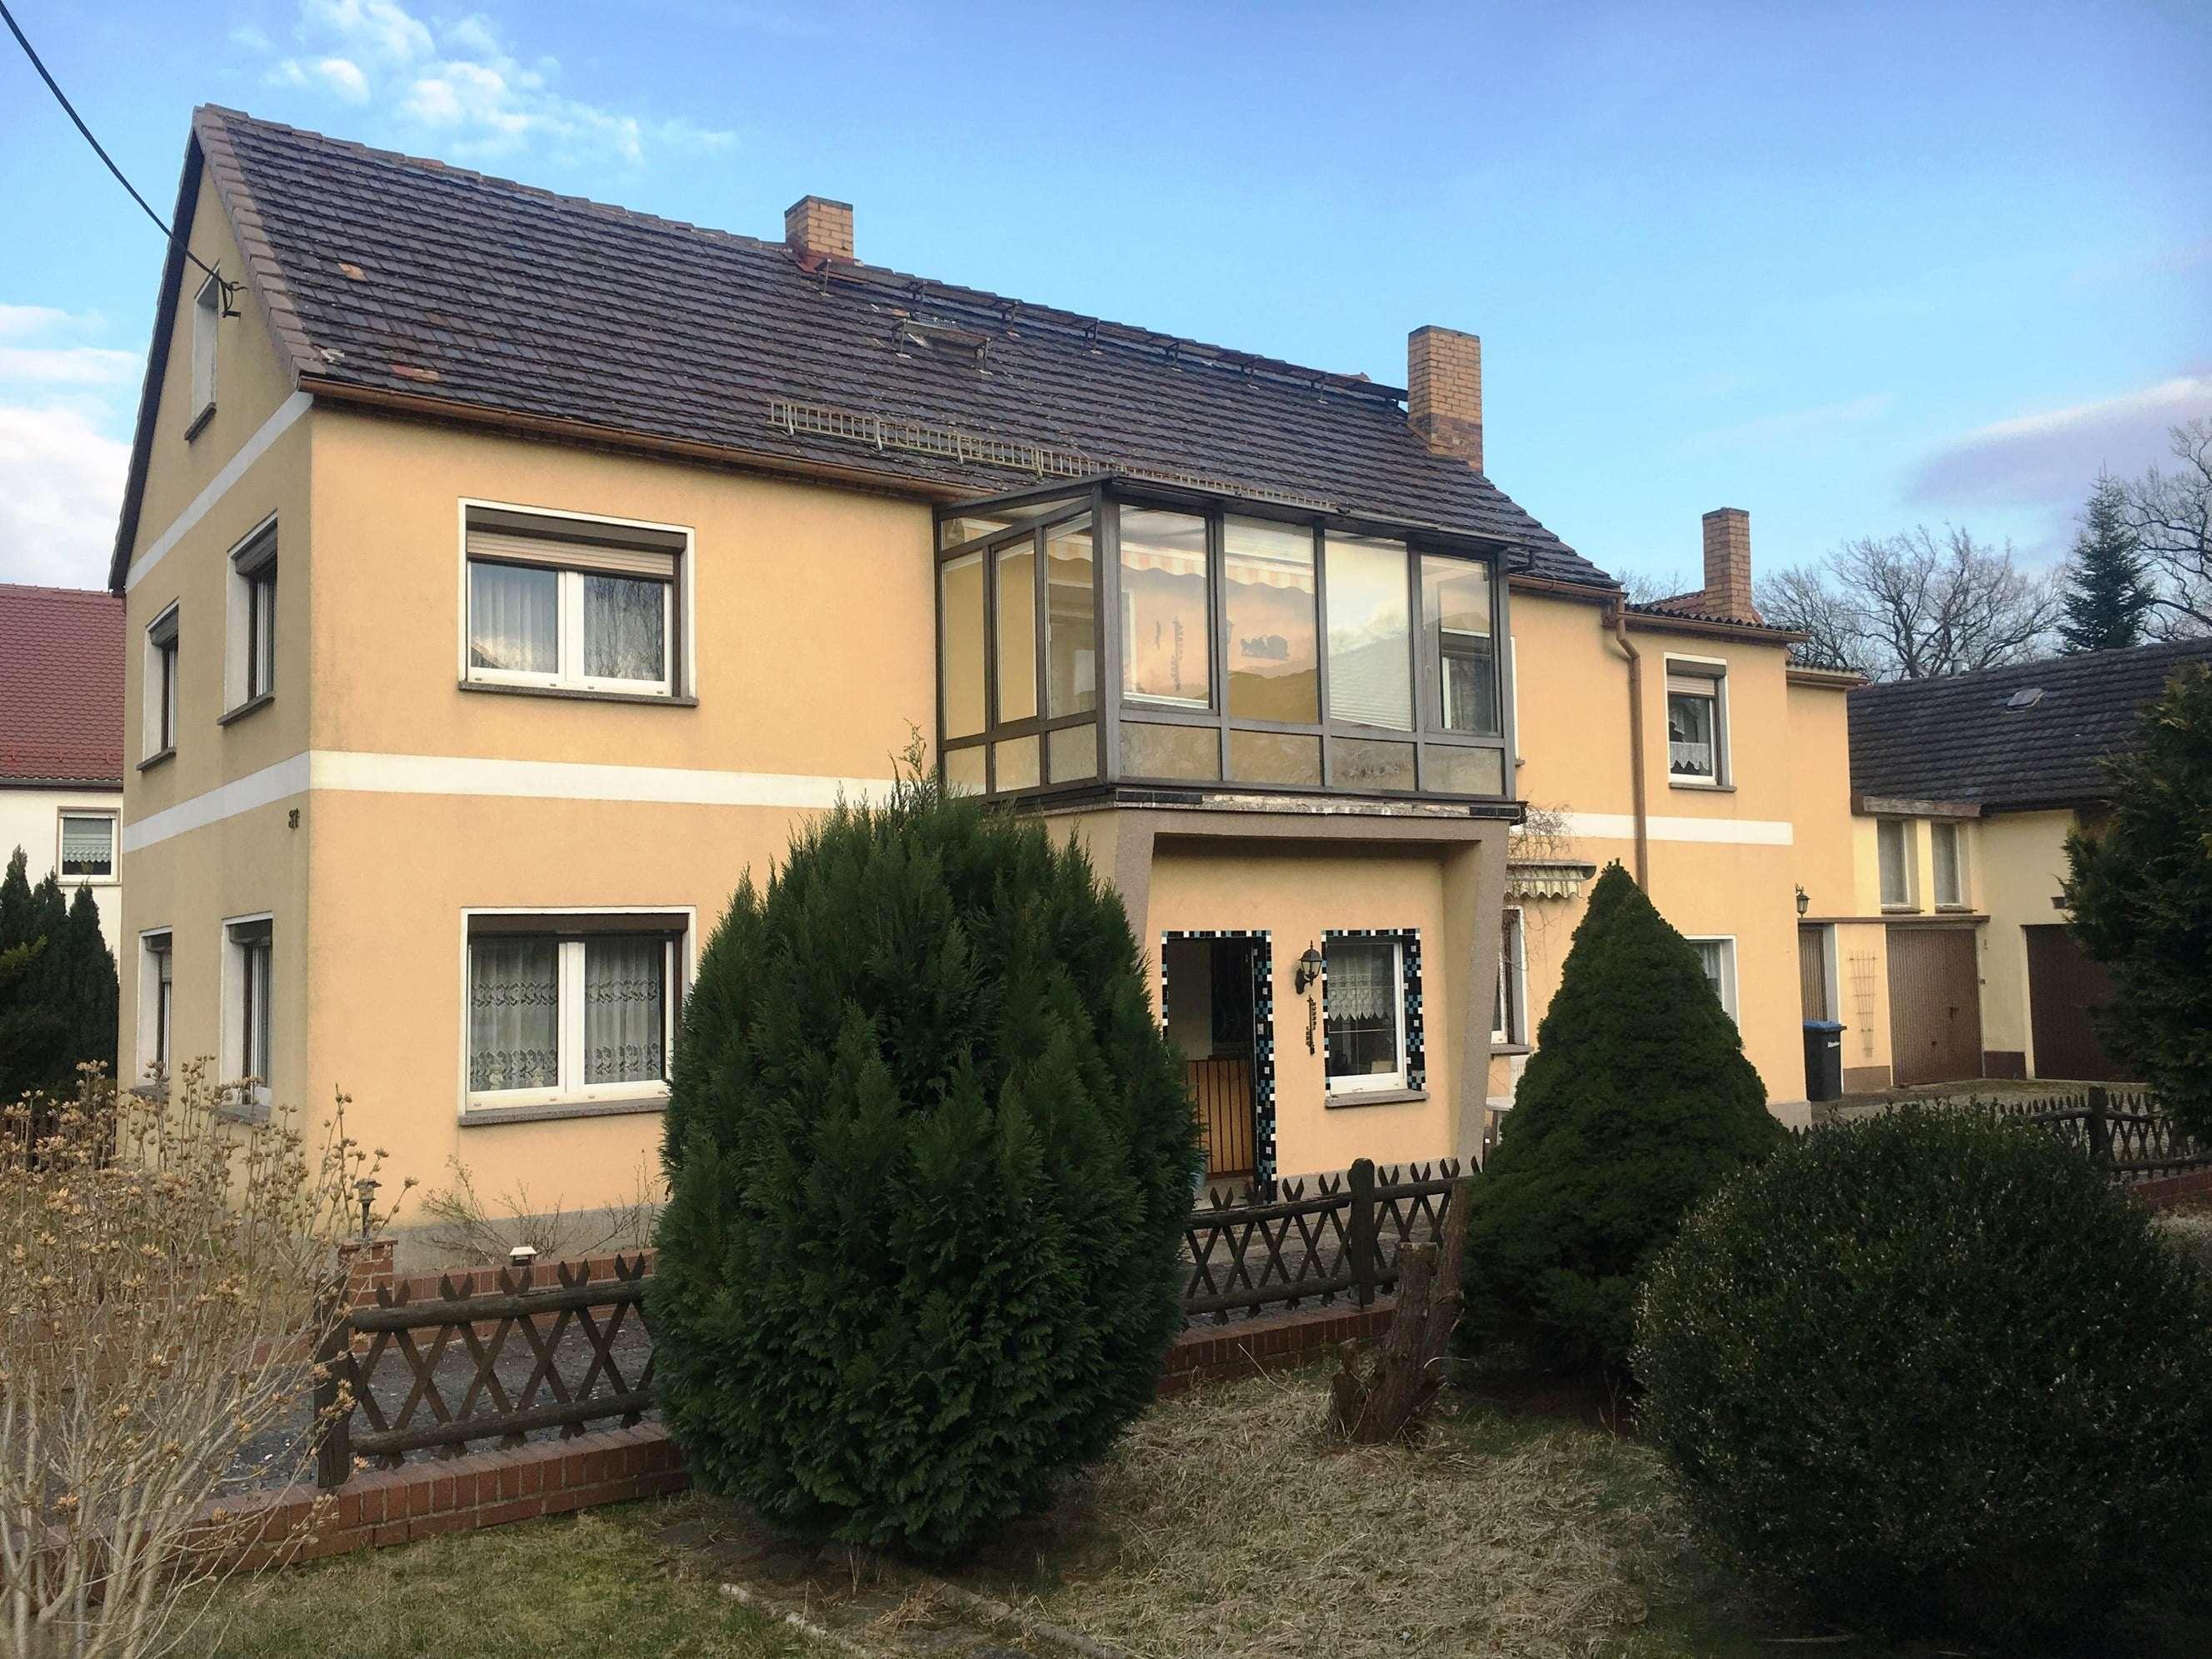 Ein Anwesen mit viel Platz zum Wohnen und für Hobbys - Haus zum Kauf in Kroppen